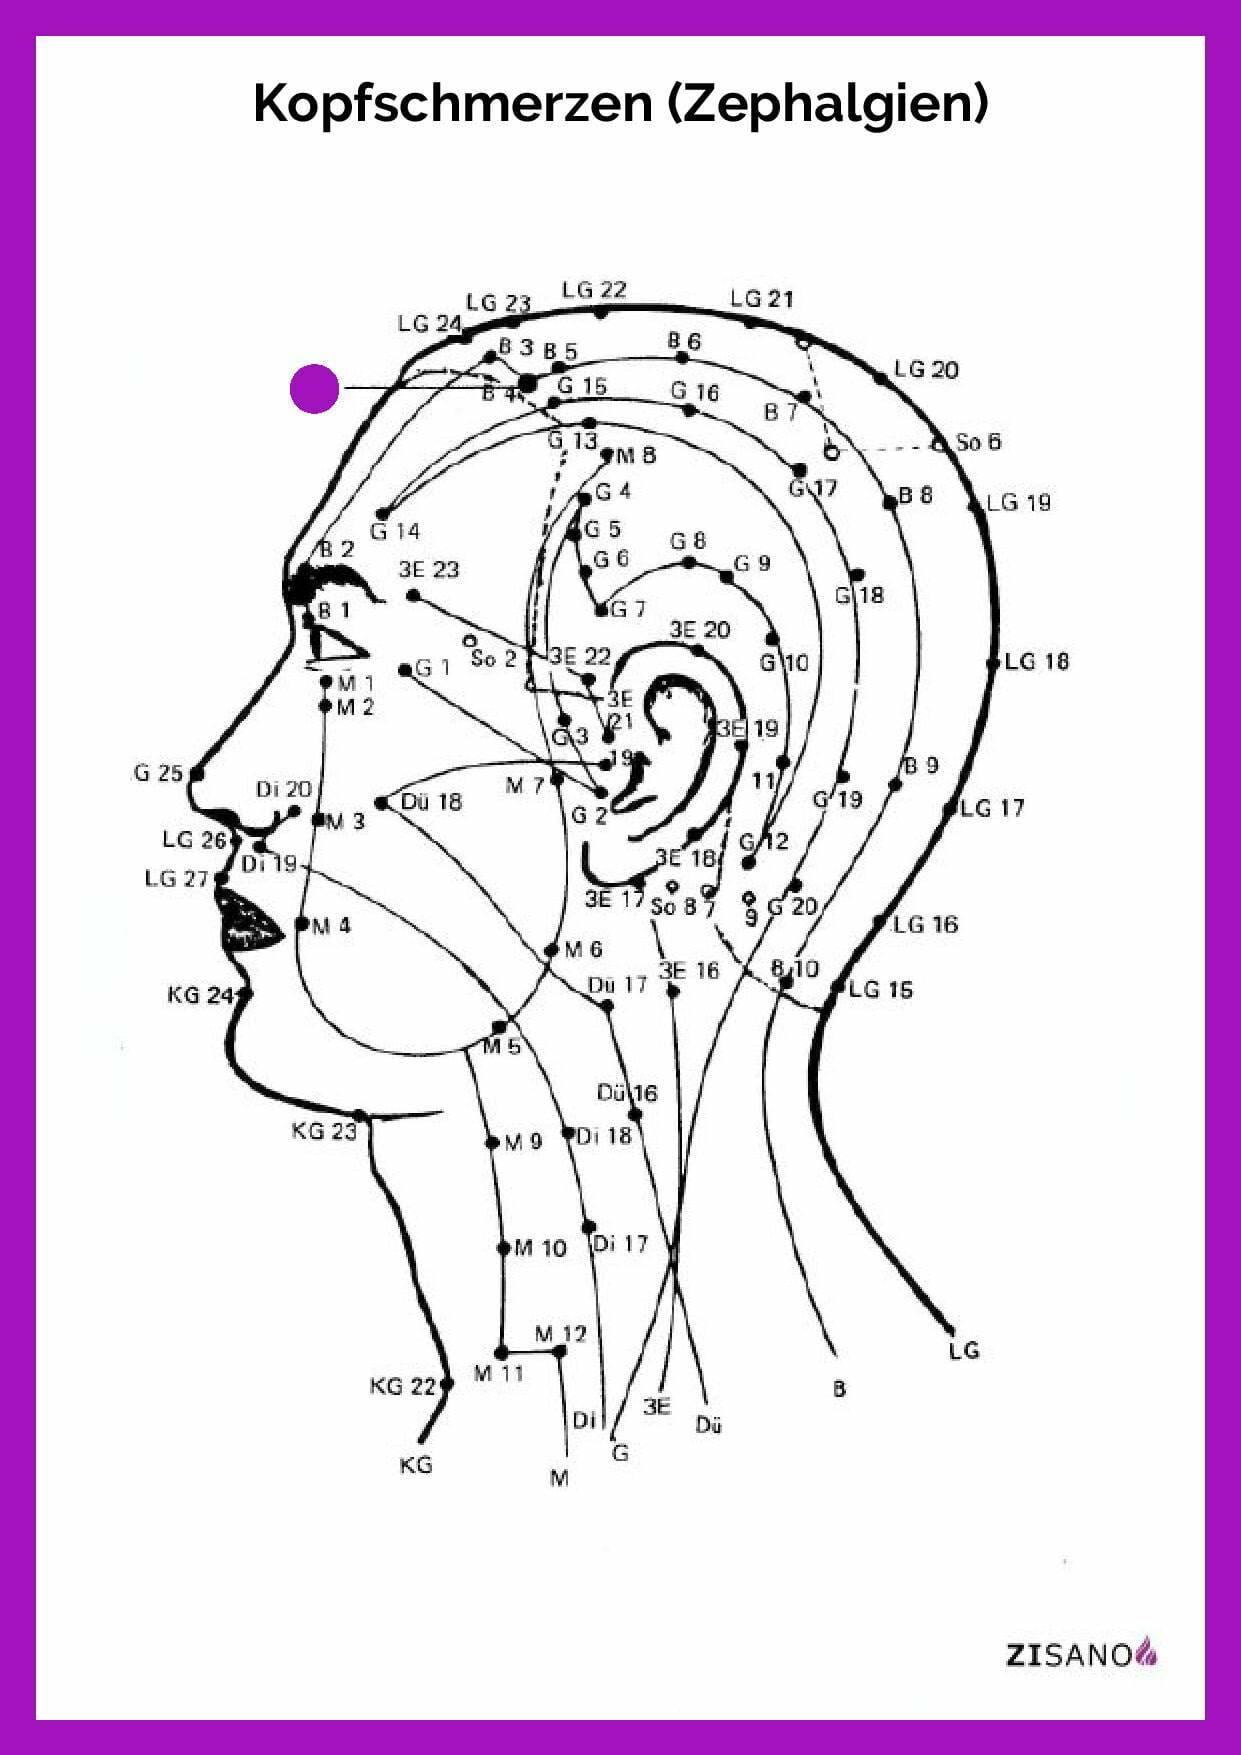 Meridiane - Kopfschmerzen - Zephalgien - Beschwerden